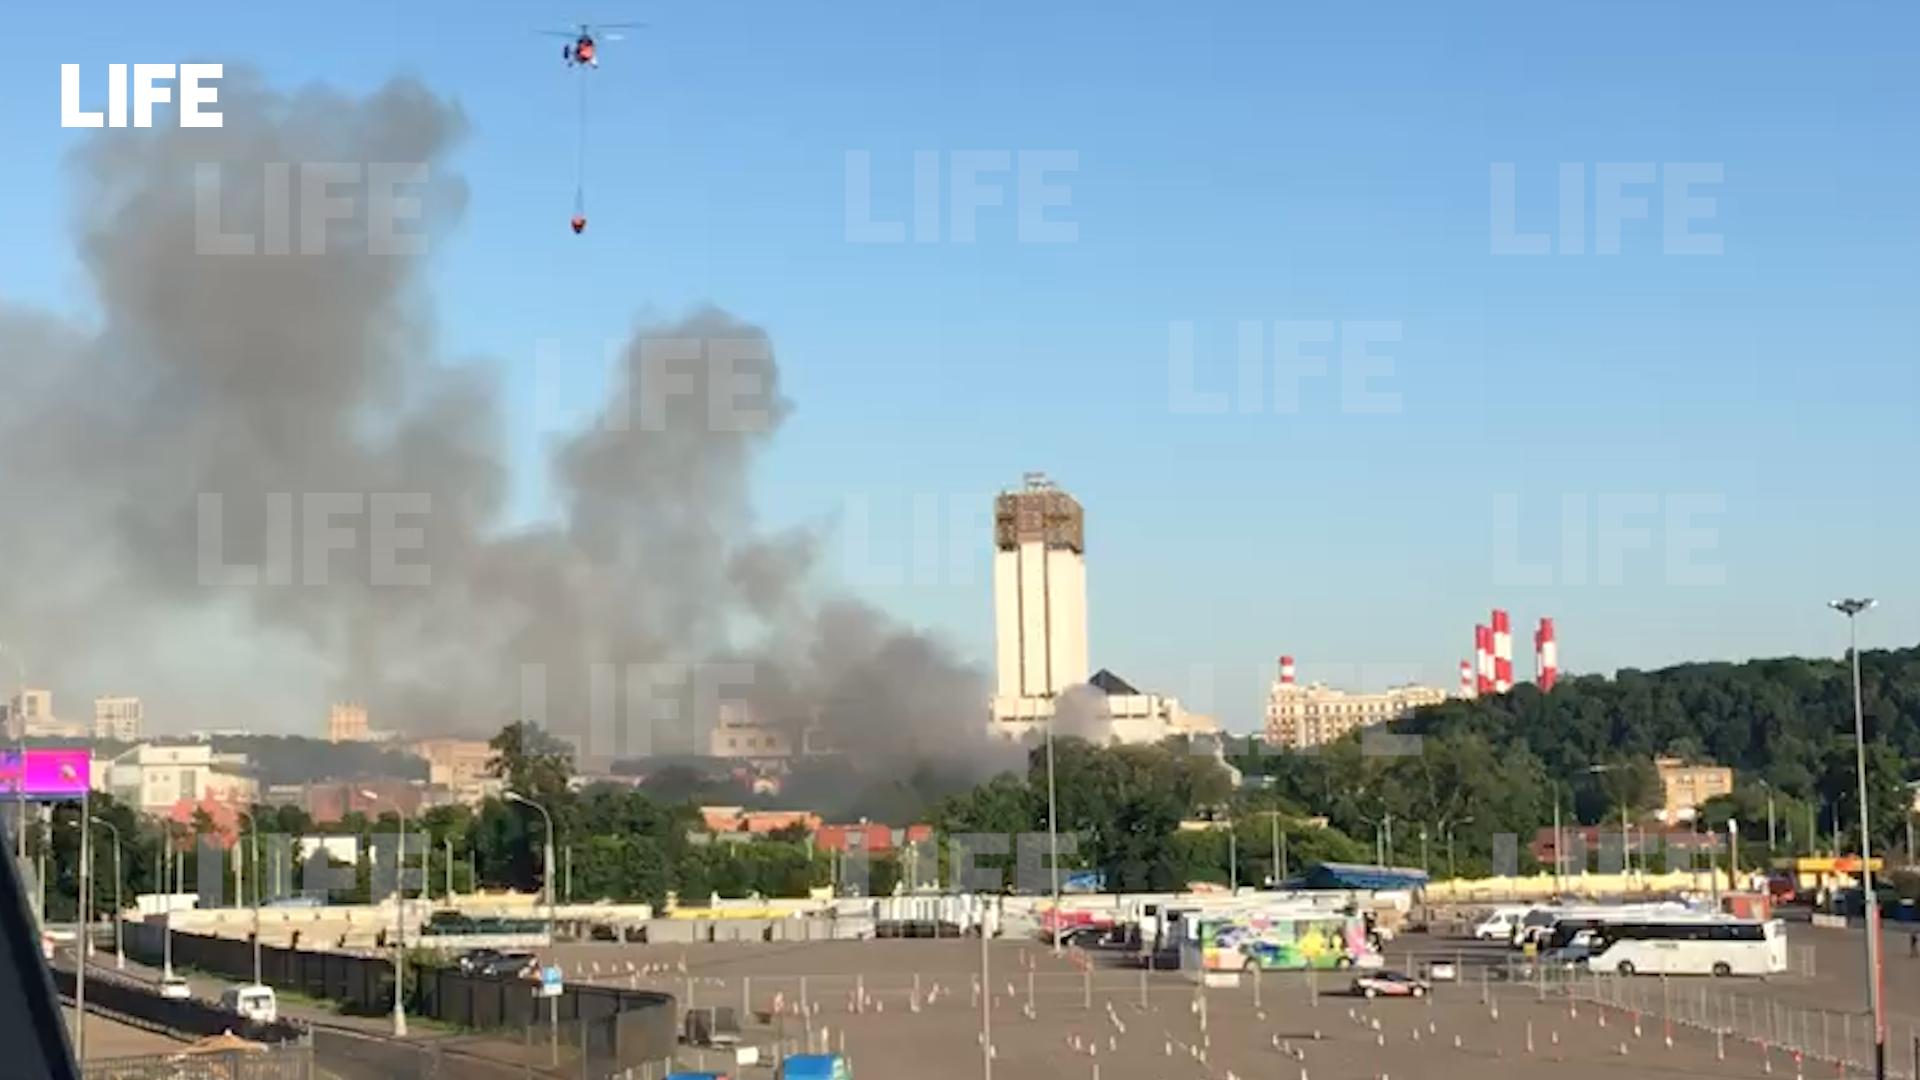 В Москве прокуратура организовала проверку из-за пожара на складе с пиротехникой